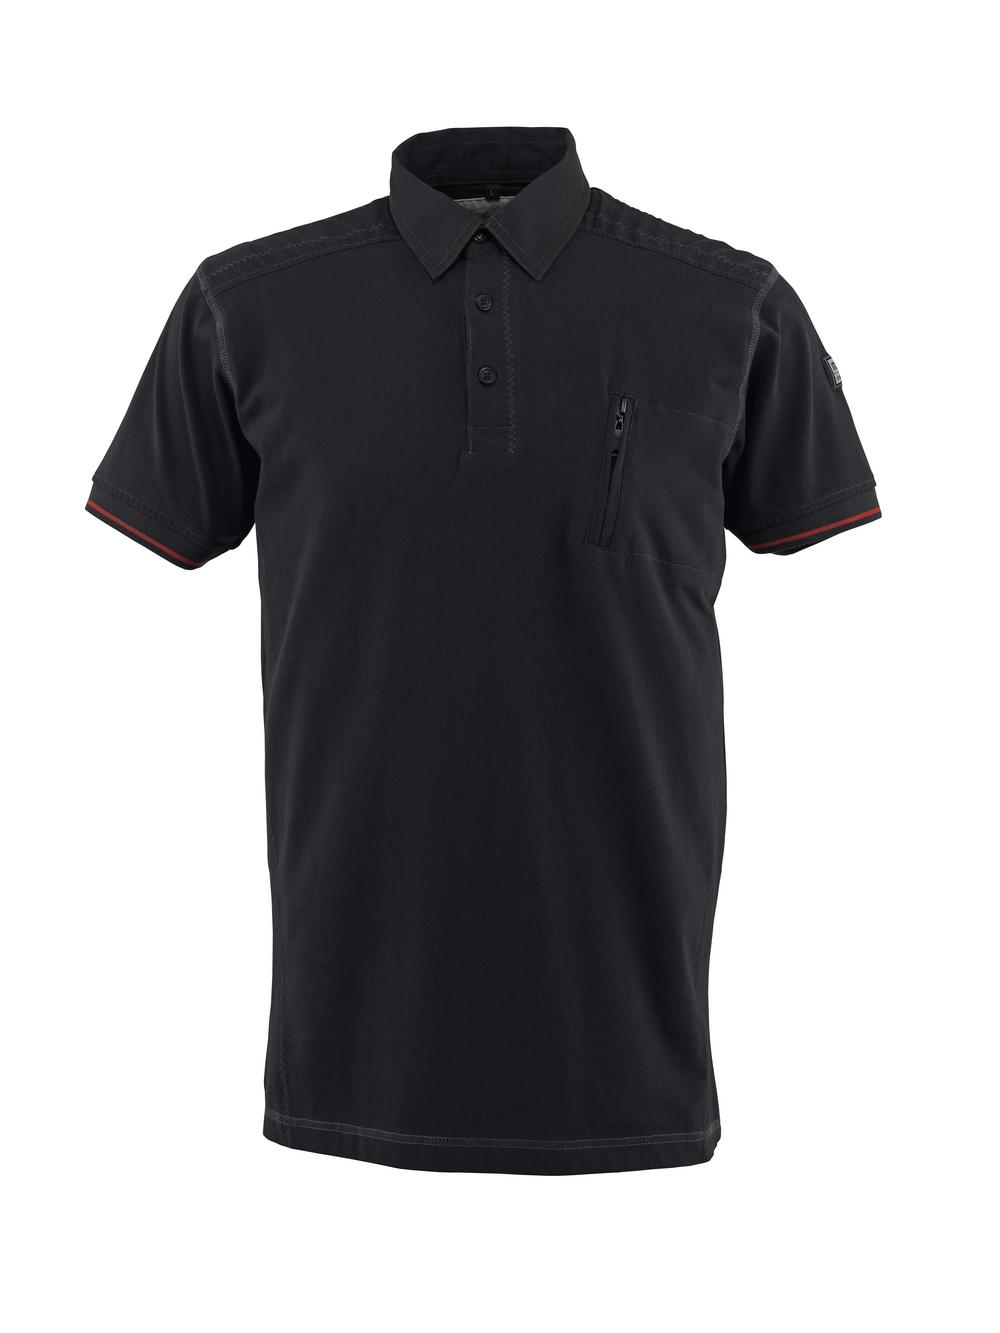 50351-833-09 Polo avec poche poitrine - Noir